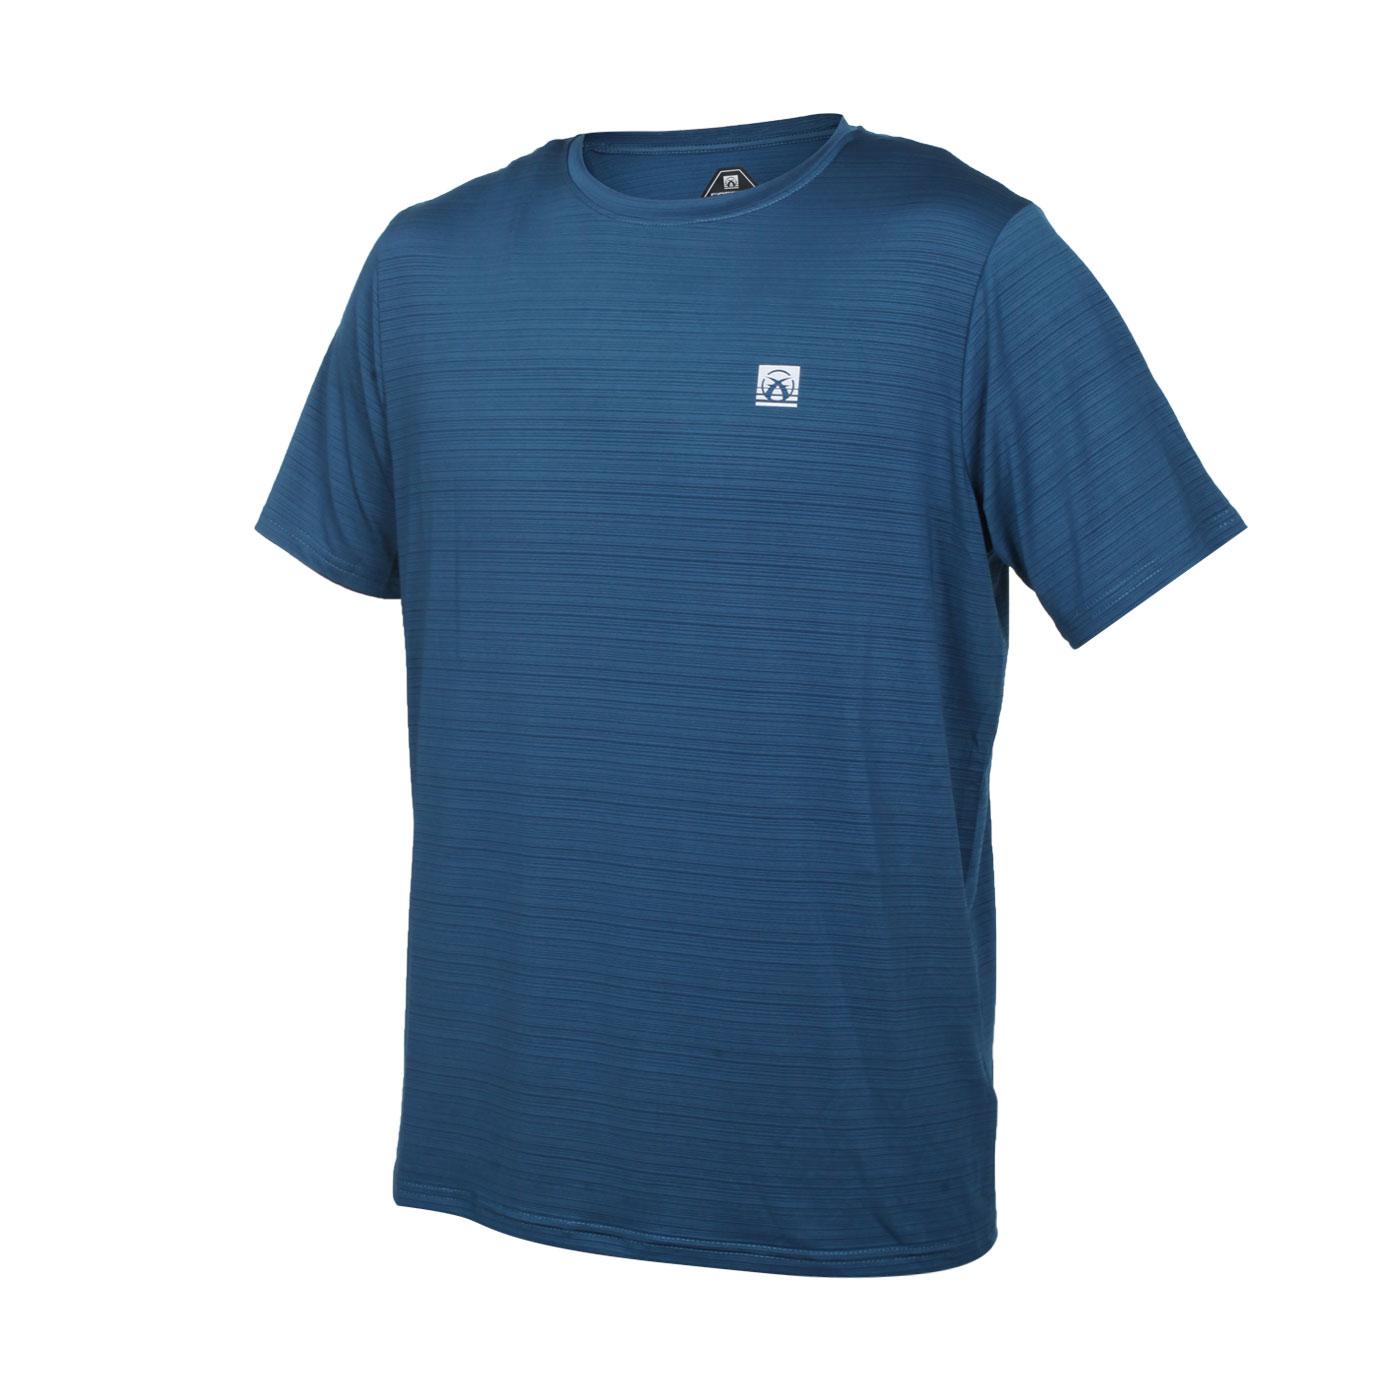 FIRESTAR 男彈性機能短袖圓領T恤 D1733-97 - 墨藍銀